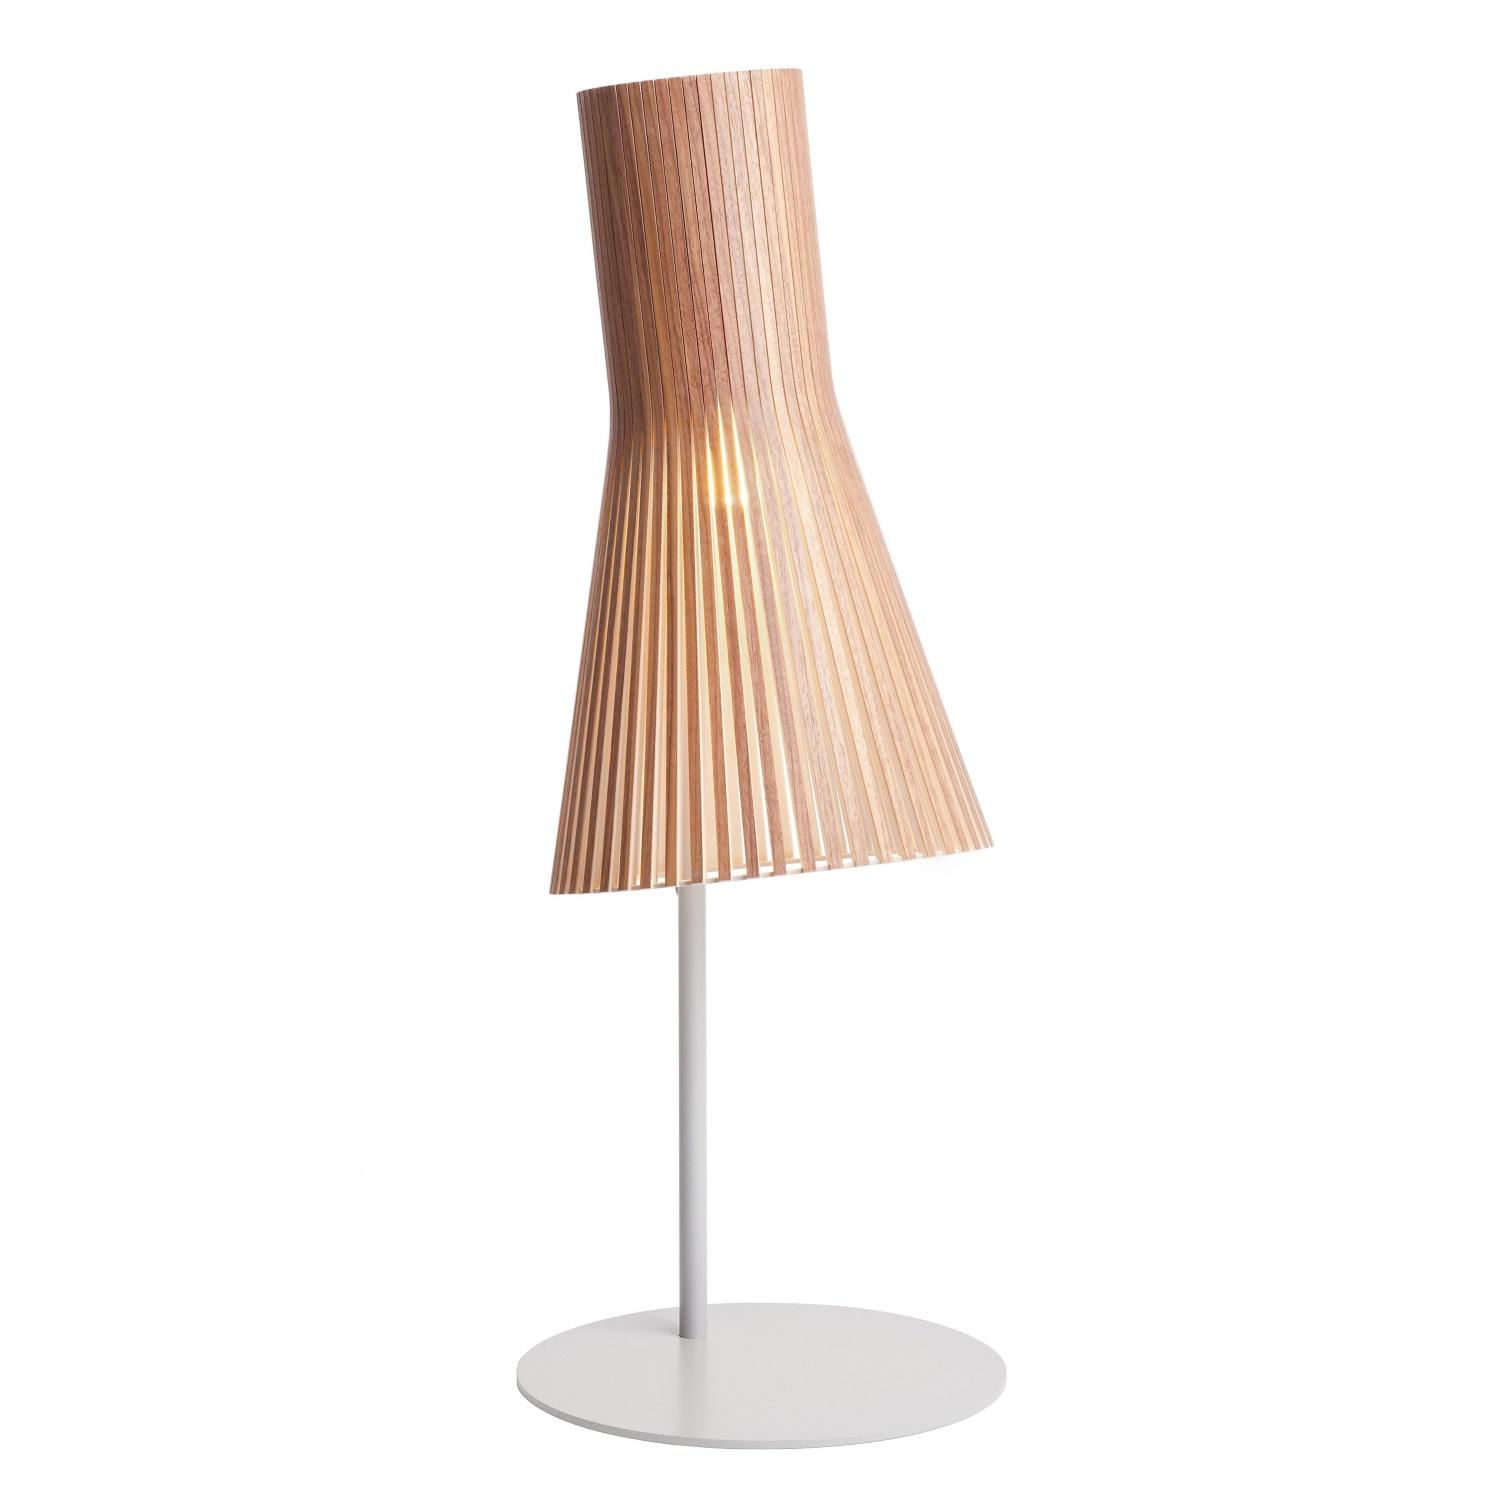 Secto Design - Secto 4220 - Lampe de Table - noix naturel/feuille de placage/incl. ampoule LED 2800K/1055lm/câble noir/support gris